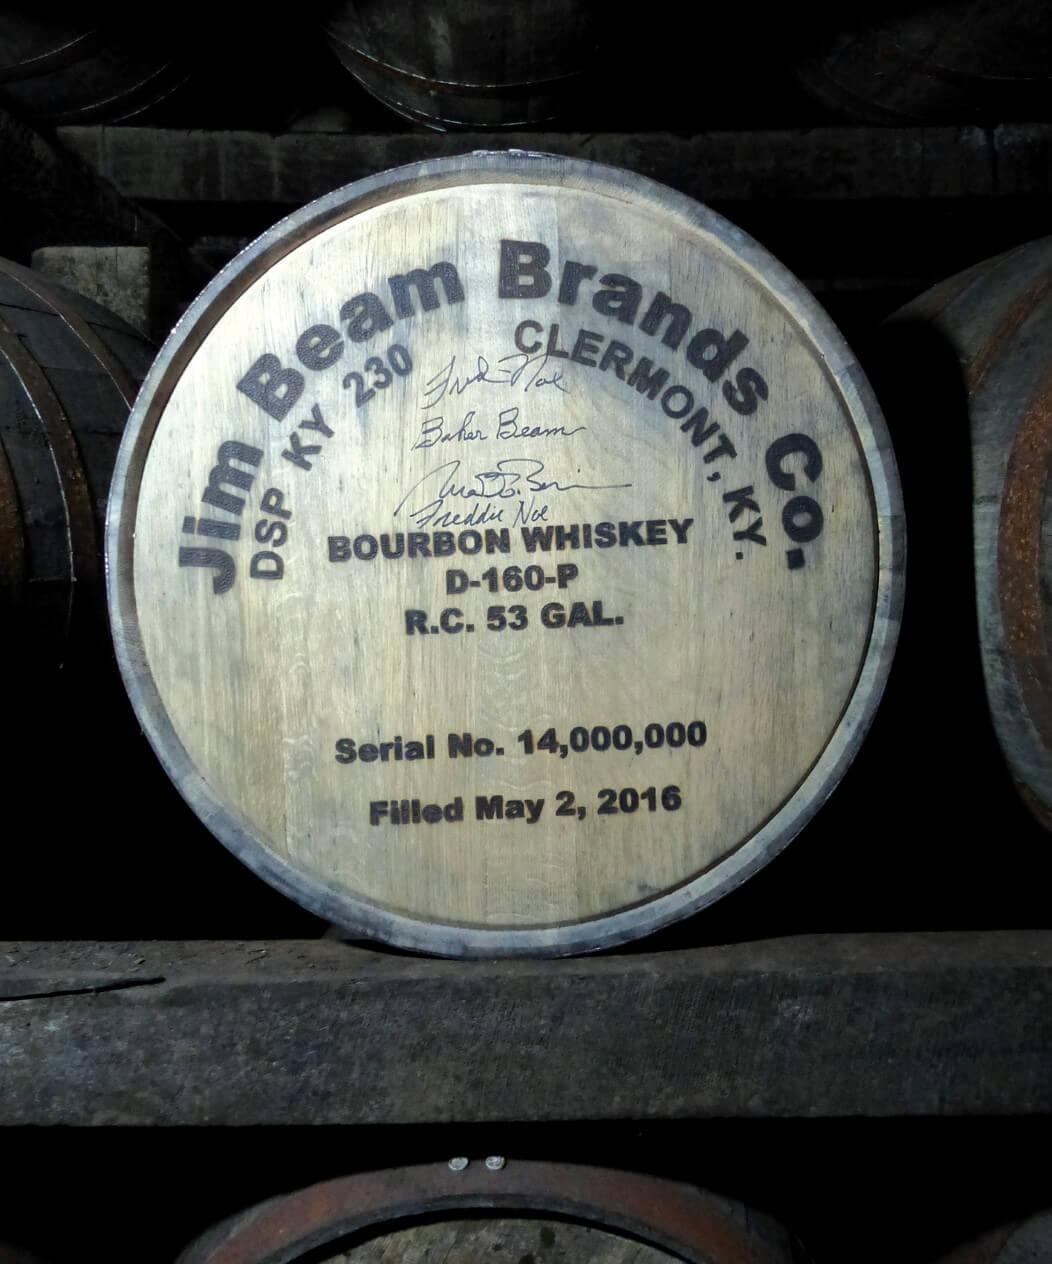 A Jim Beam cask